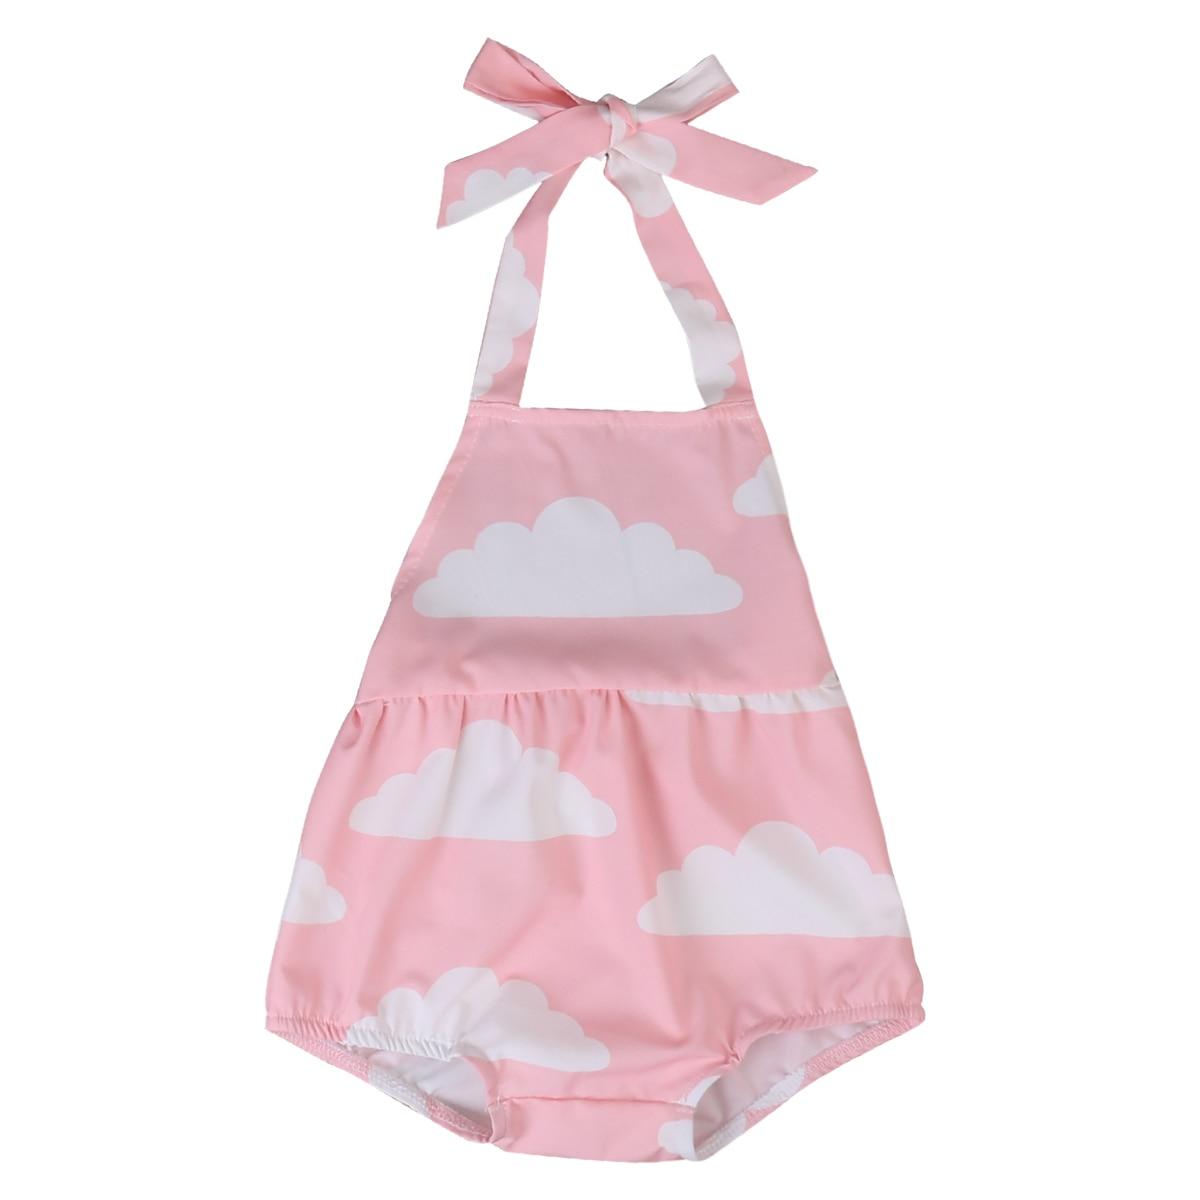 Helen115 Lovely Newborn Baby Girl Cartoon Cloud Sleeveless Leak Back Belt Bodysuit 0-18M